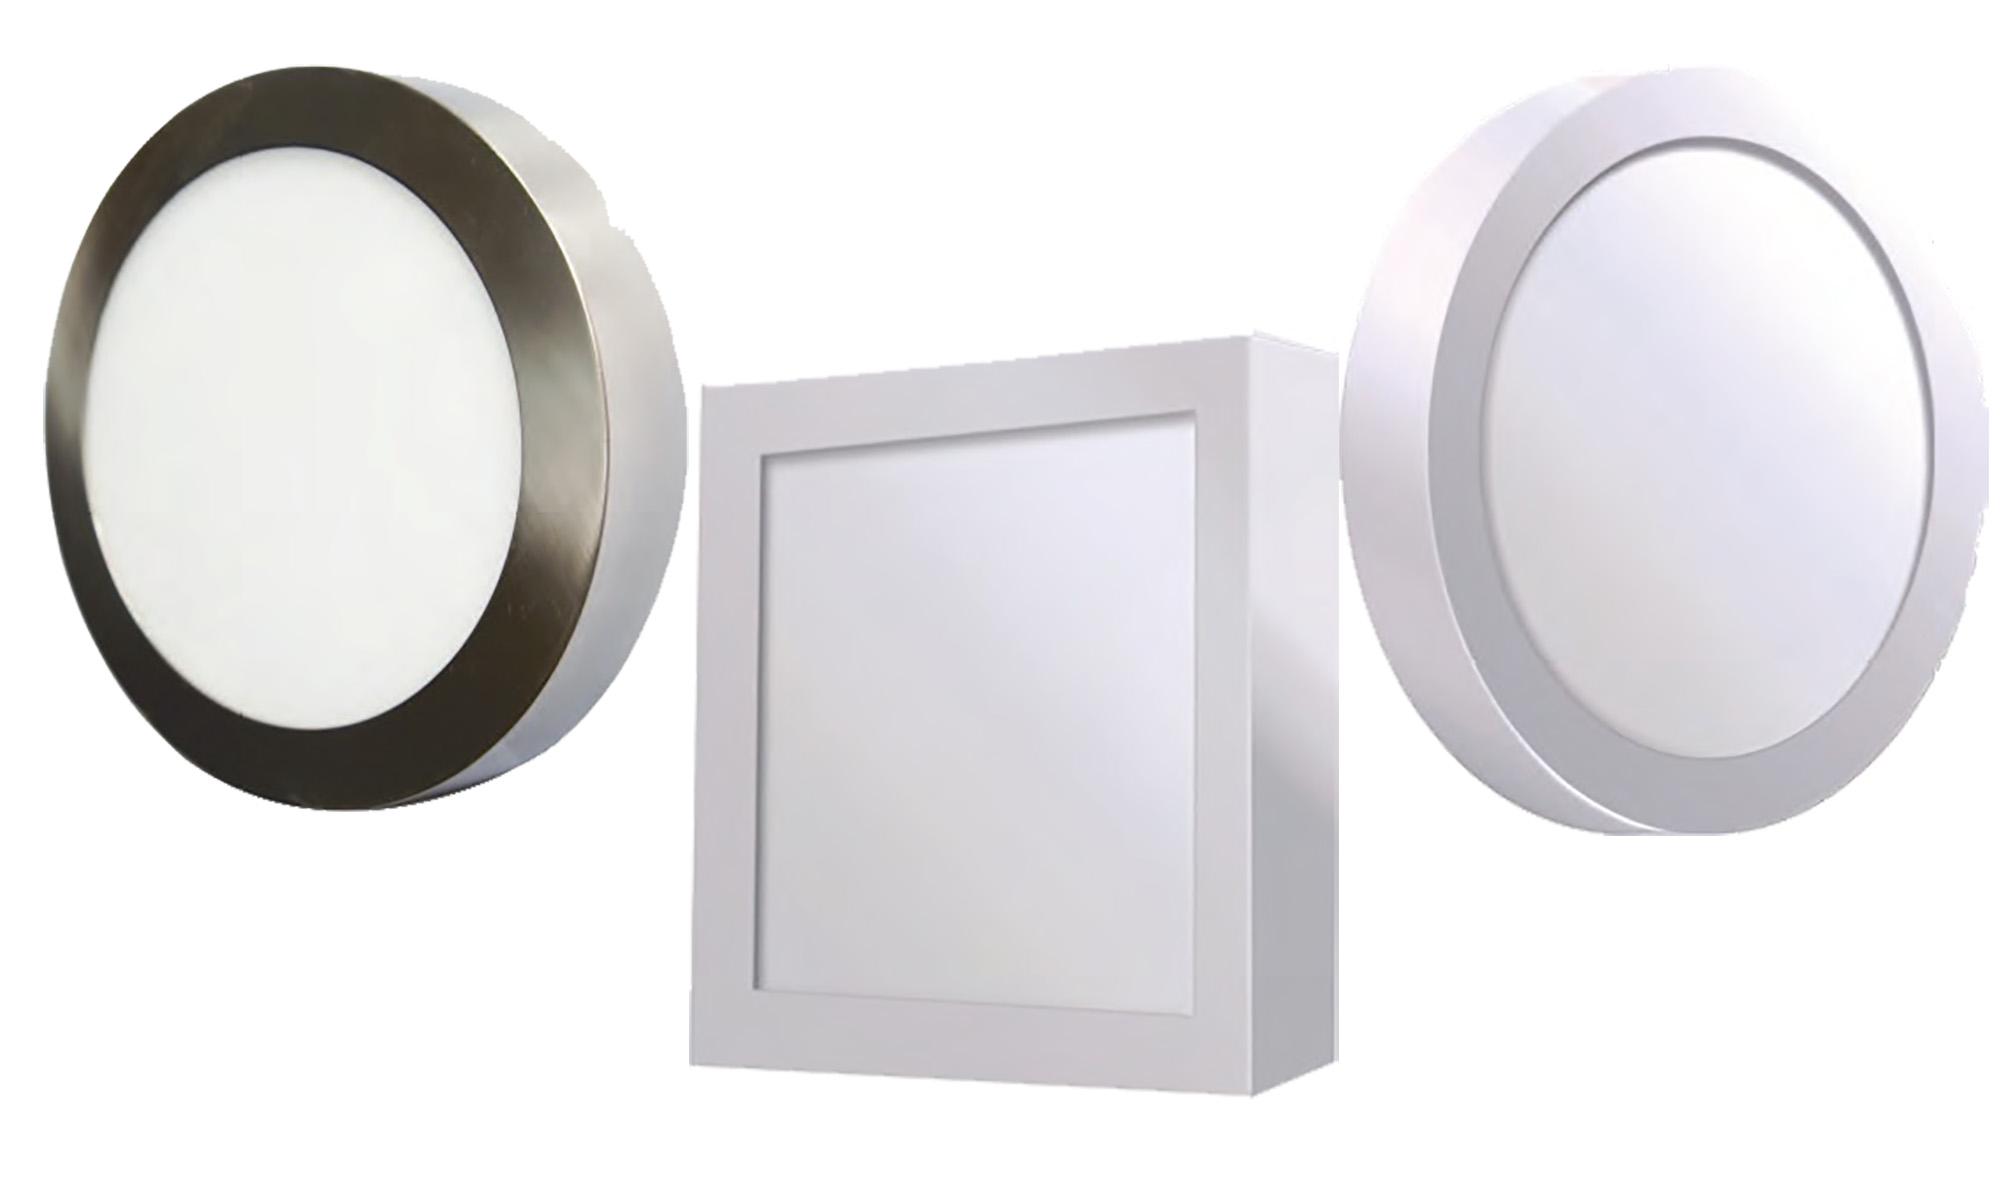 Iluminacion iluminacion led iluminacion interior for Luminarias de exterior led